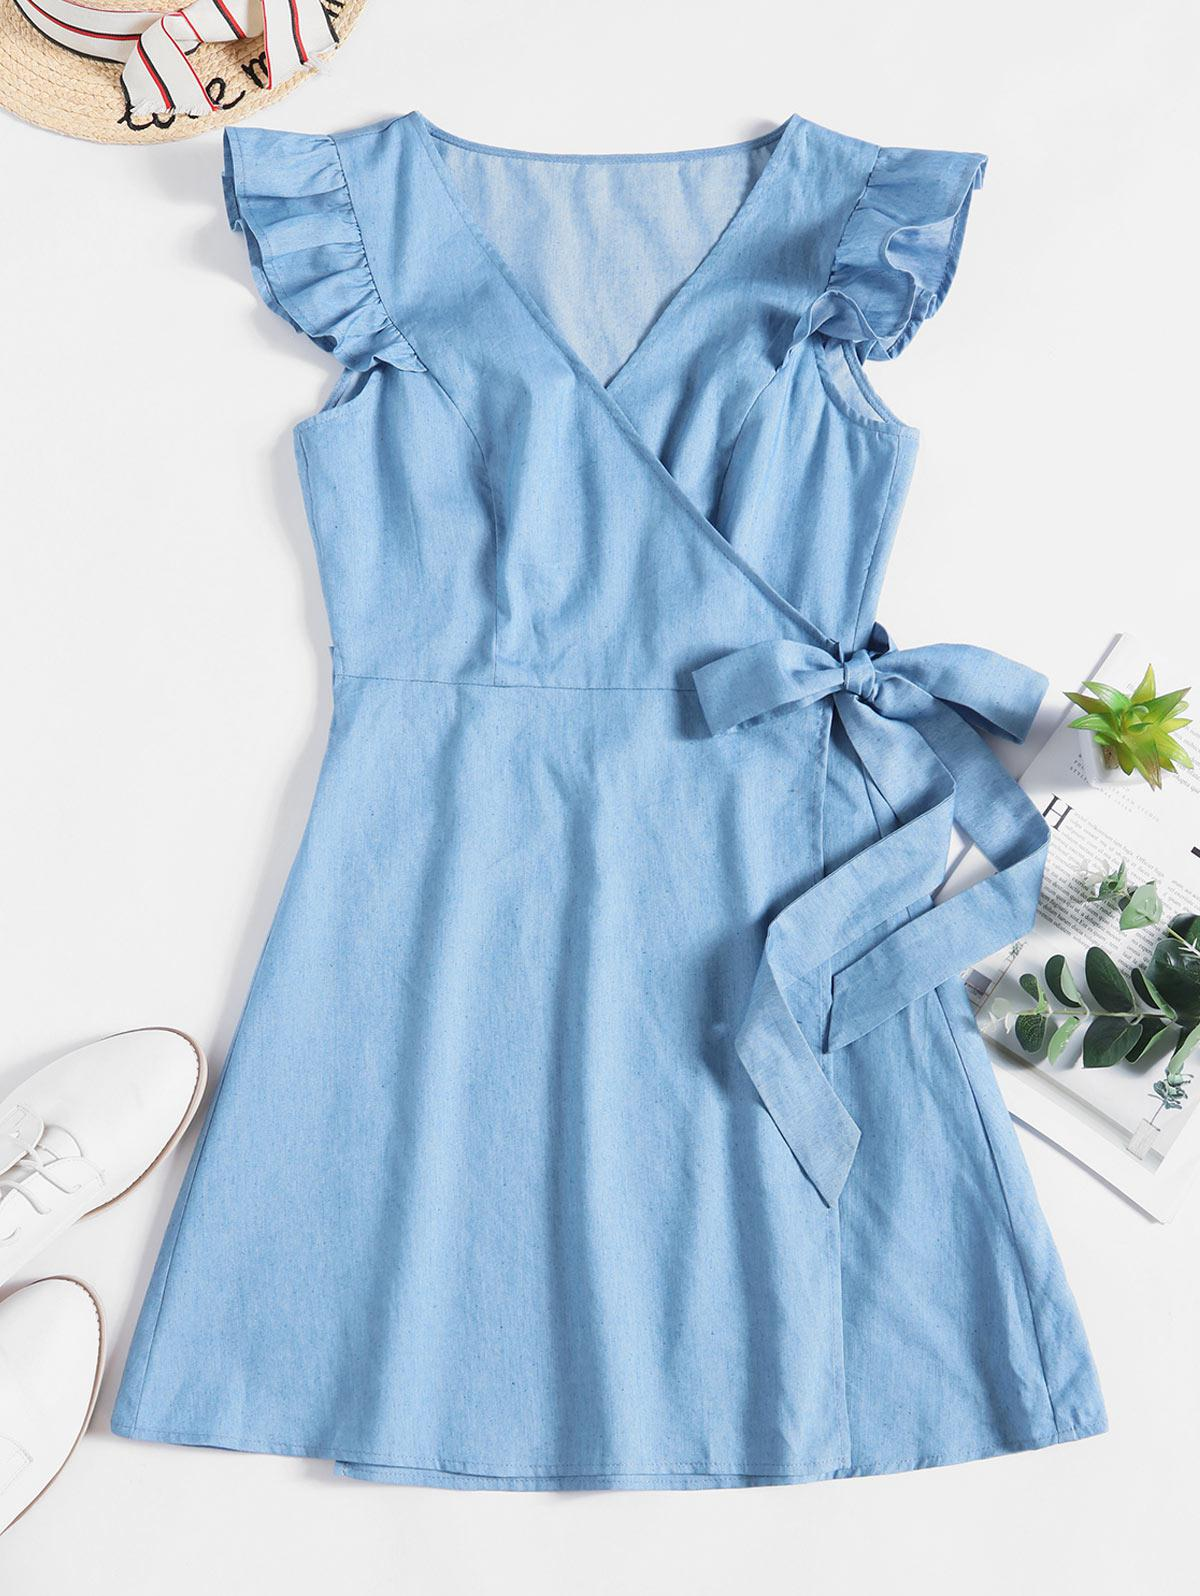 ZAFUL Ruffle Chambray Wrap Dress